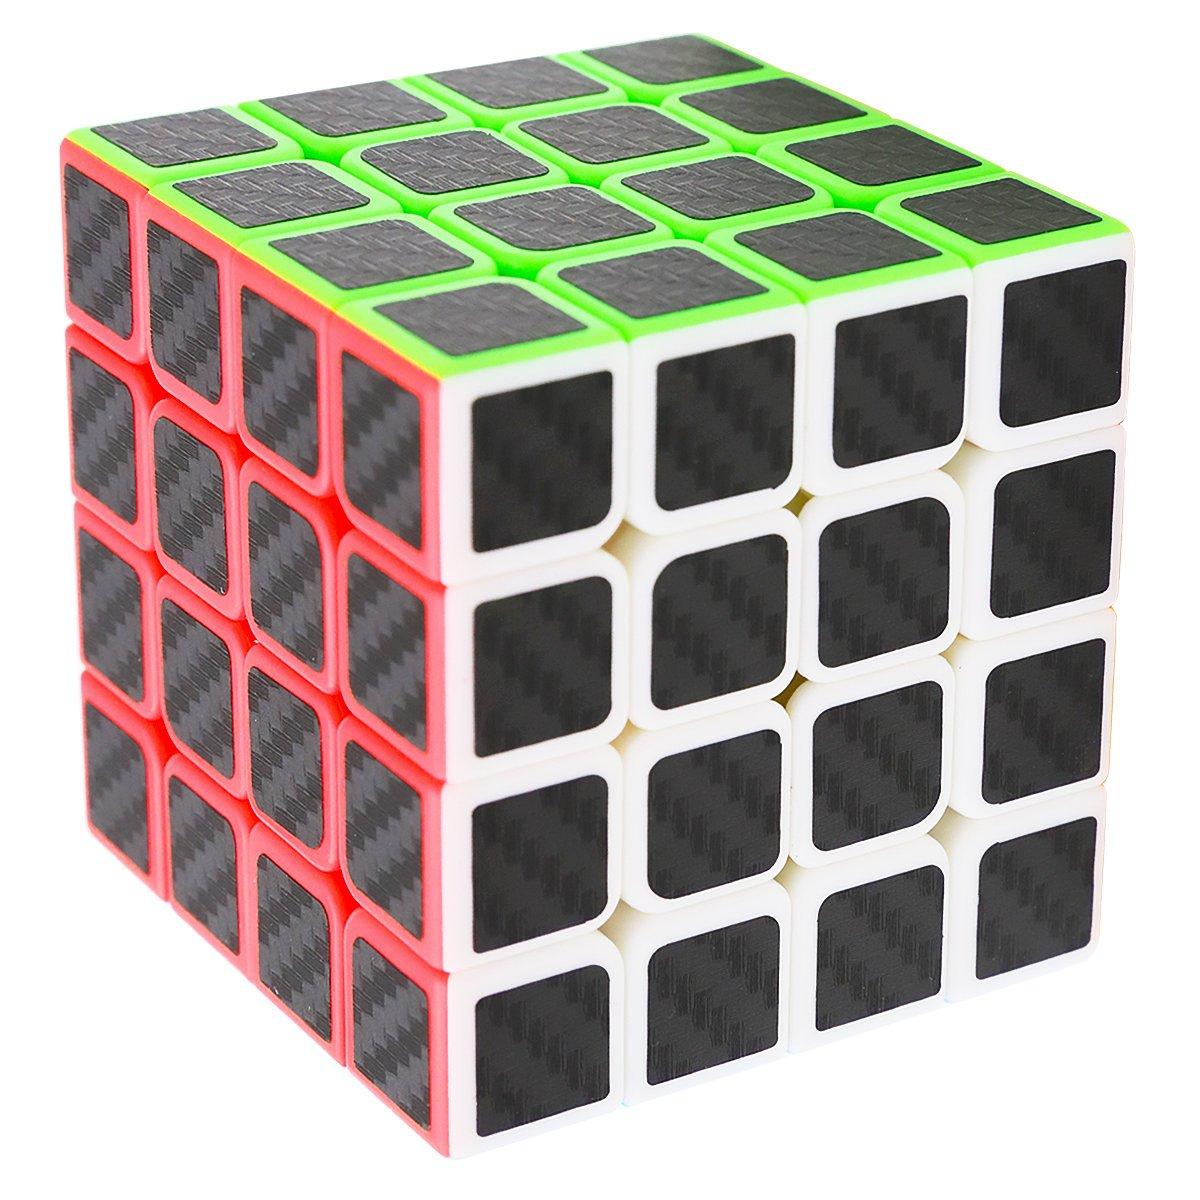 Speed Cube 4x4x4, LSMY Puzzle Mágico Cubo Carbon Fiber Sticker Toy: Amazon.es: Juguetes y juegos